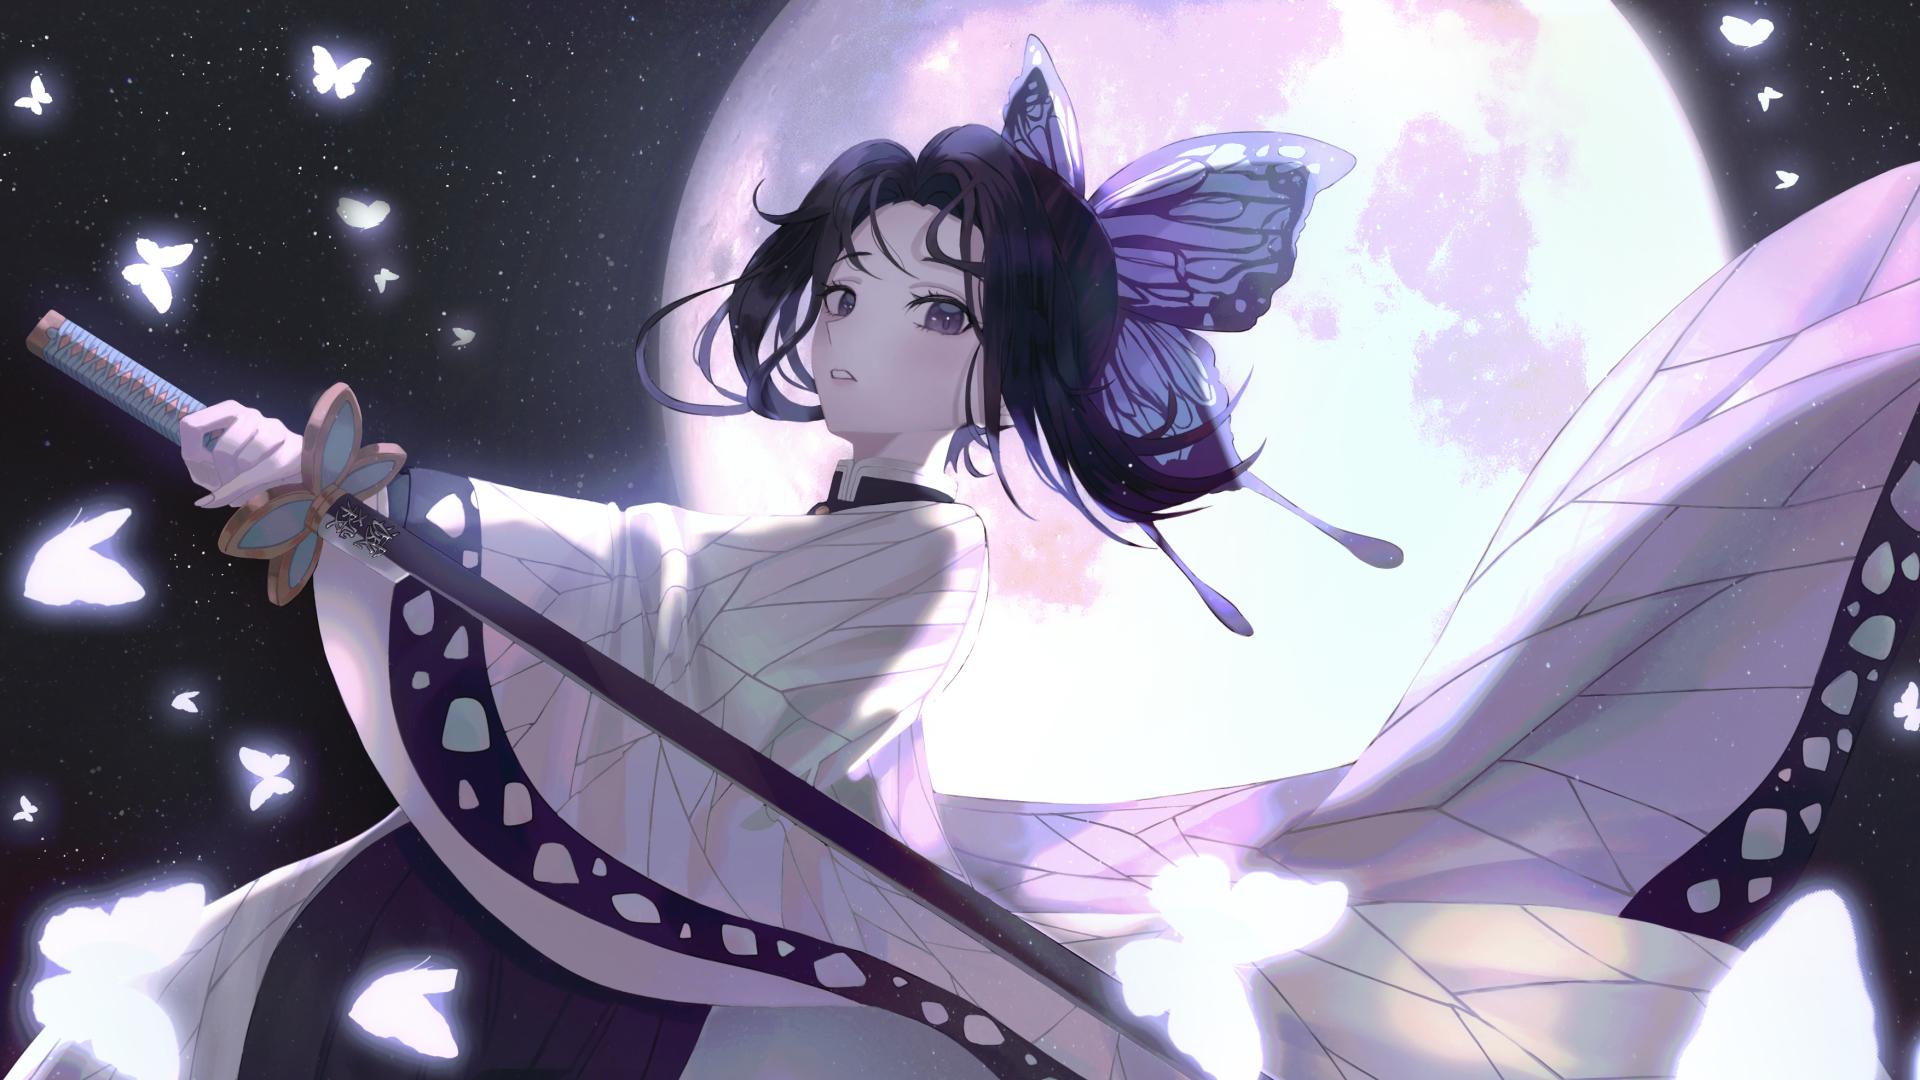 15 Anime Laptop Wallpaper Hd Pics